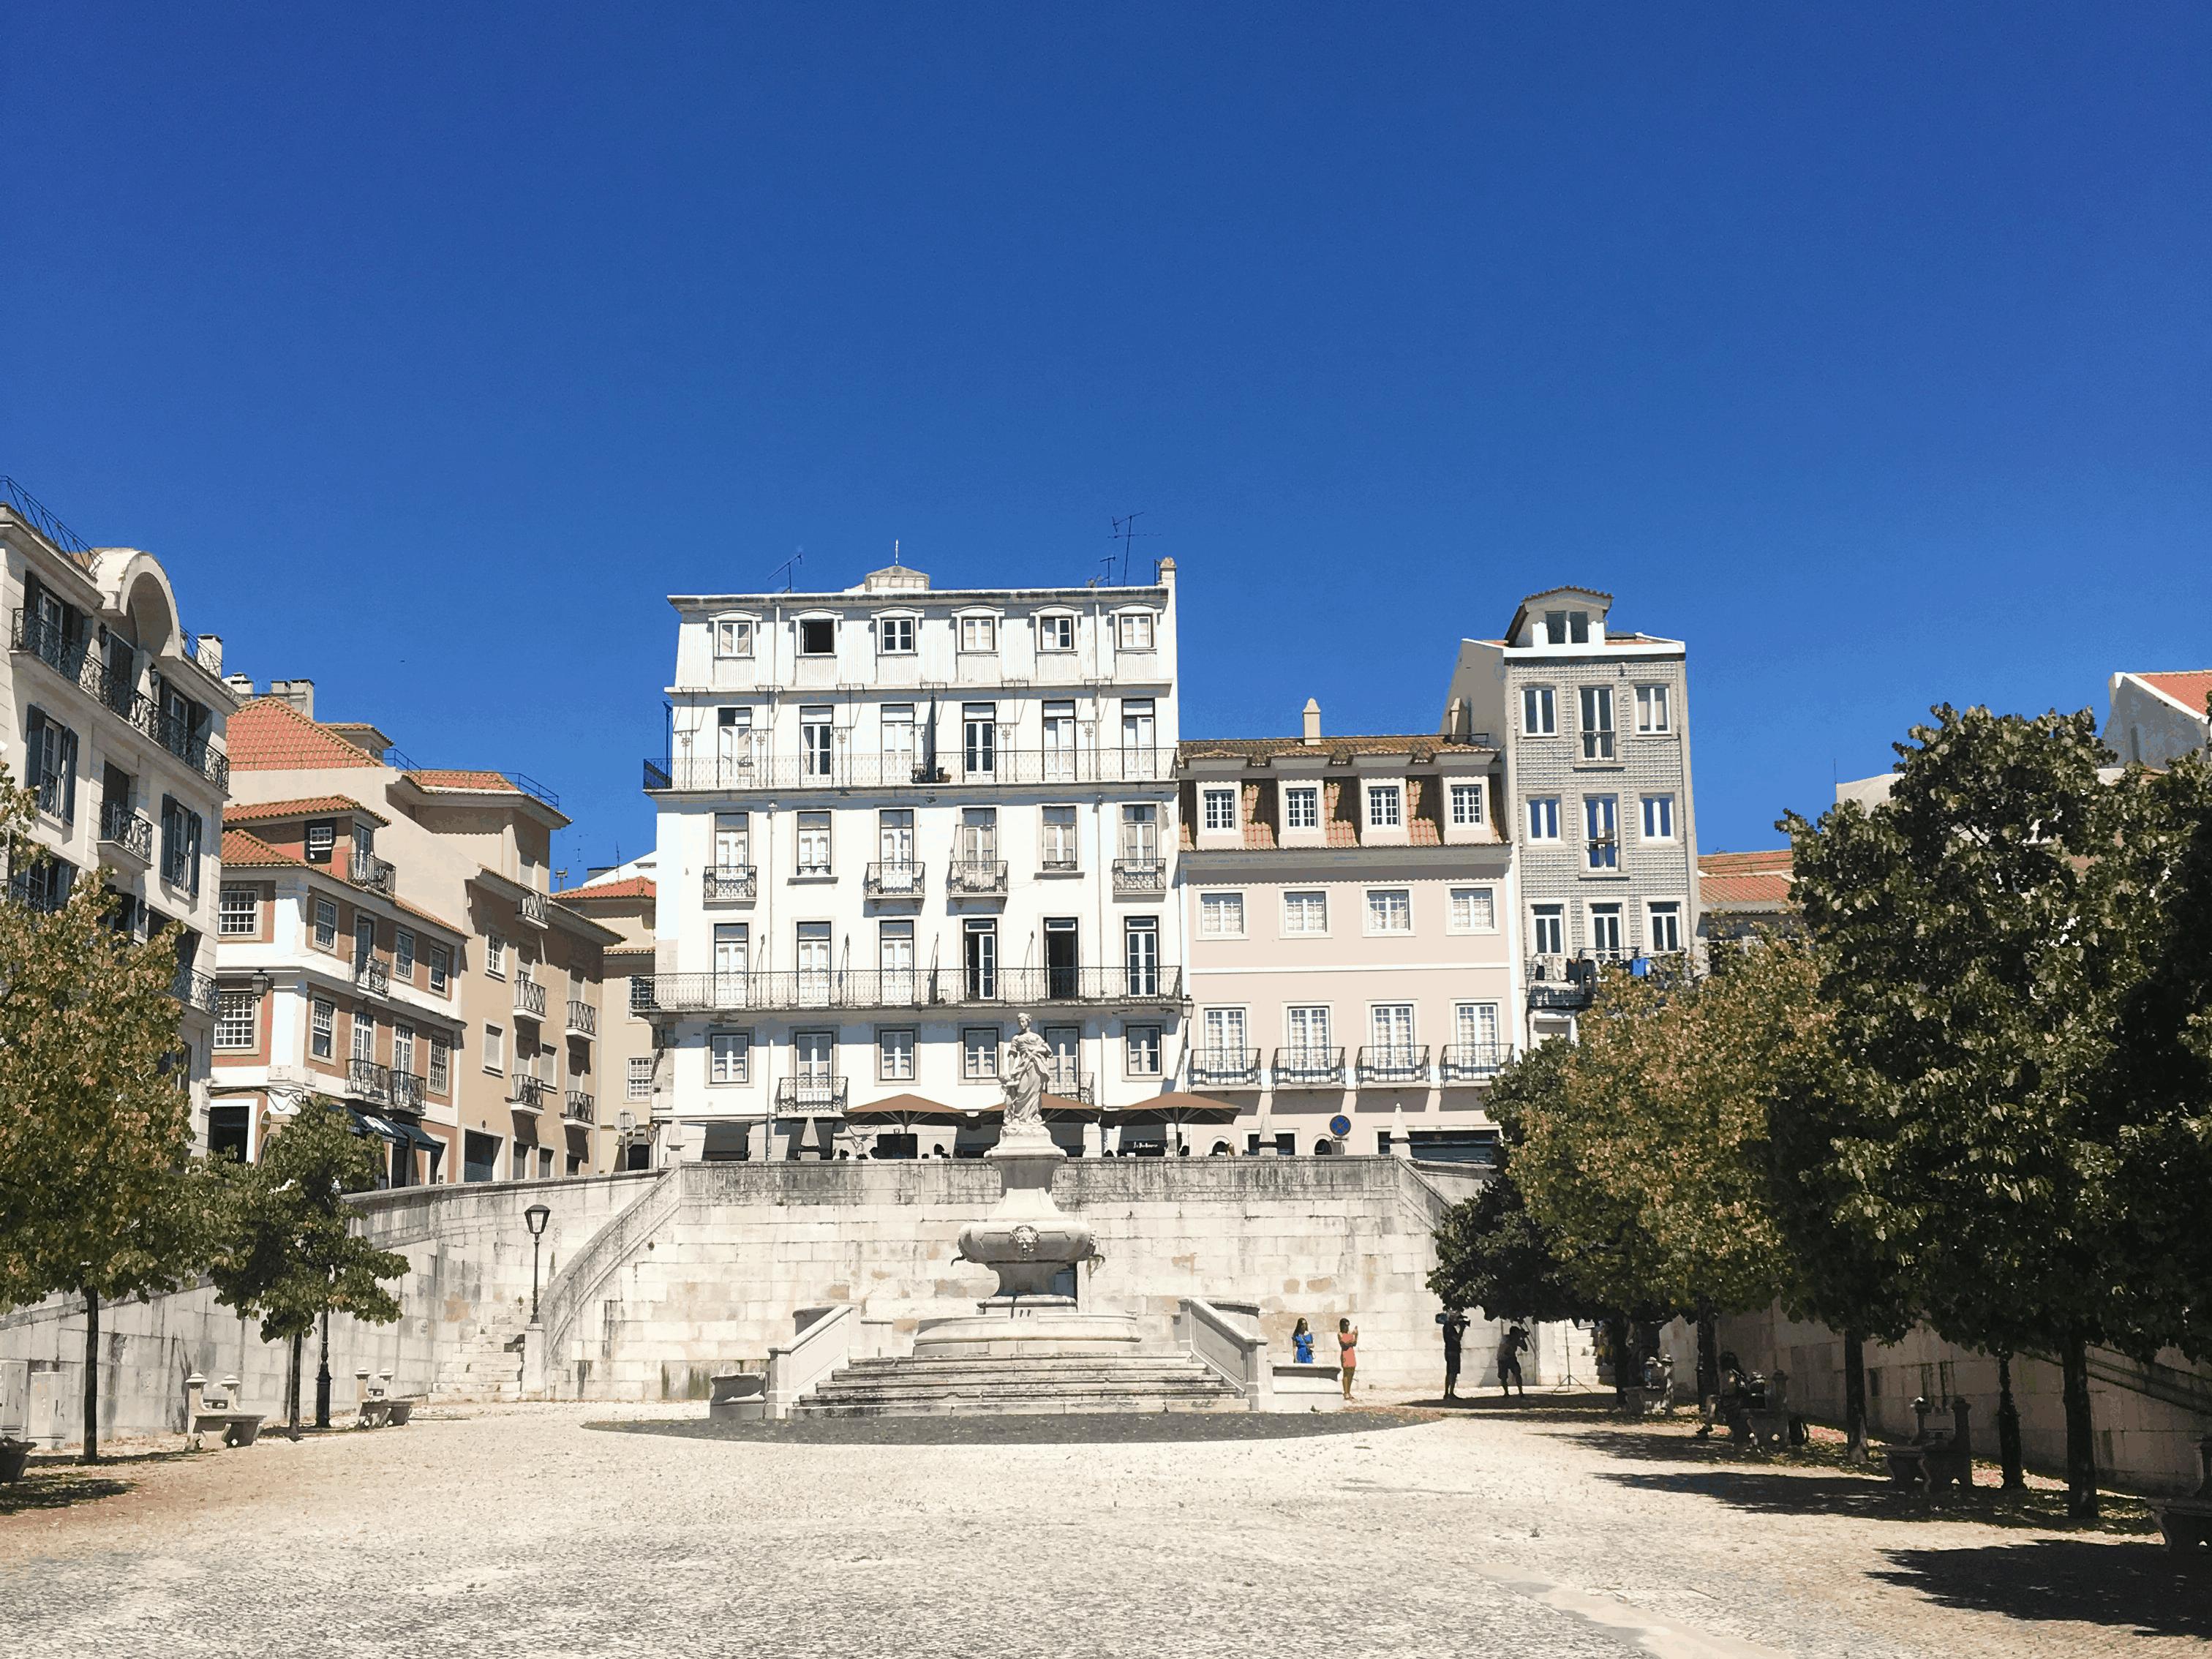 Dicas de turismo em Lisboa